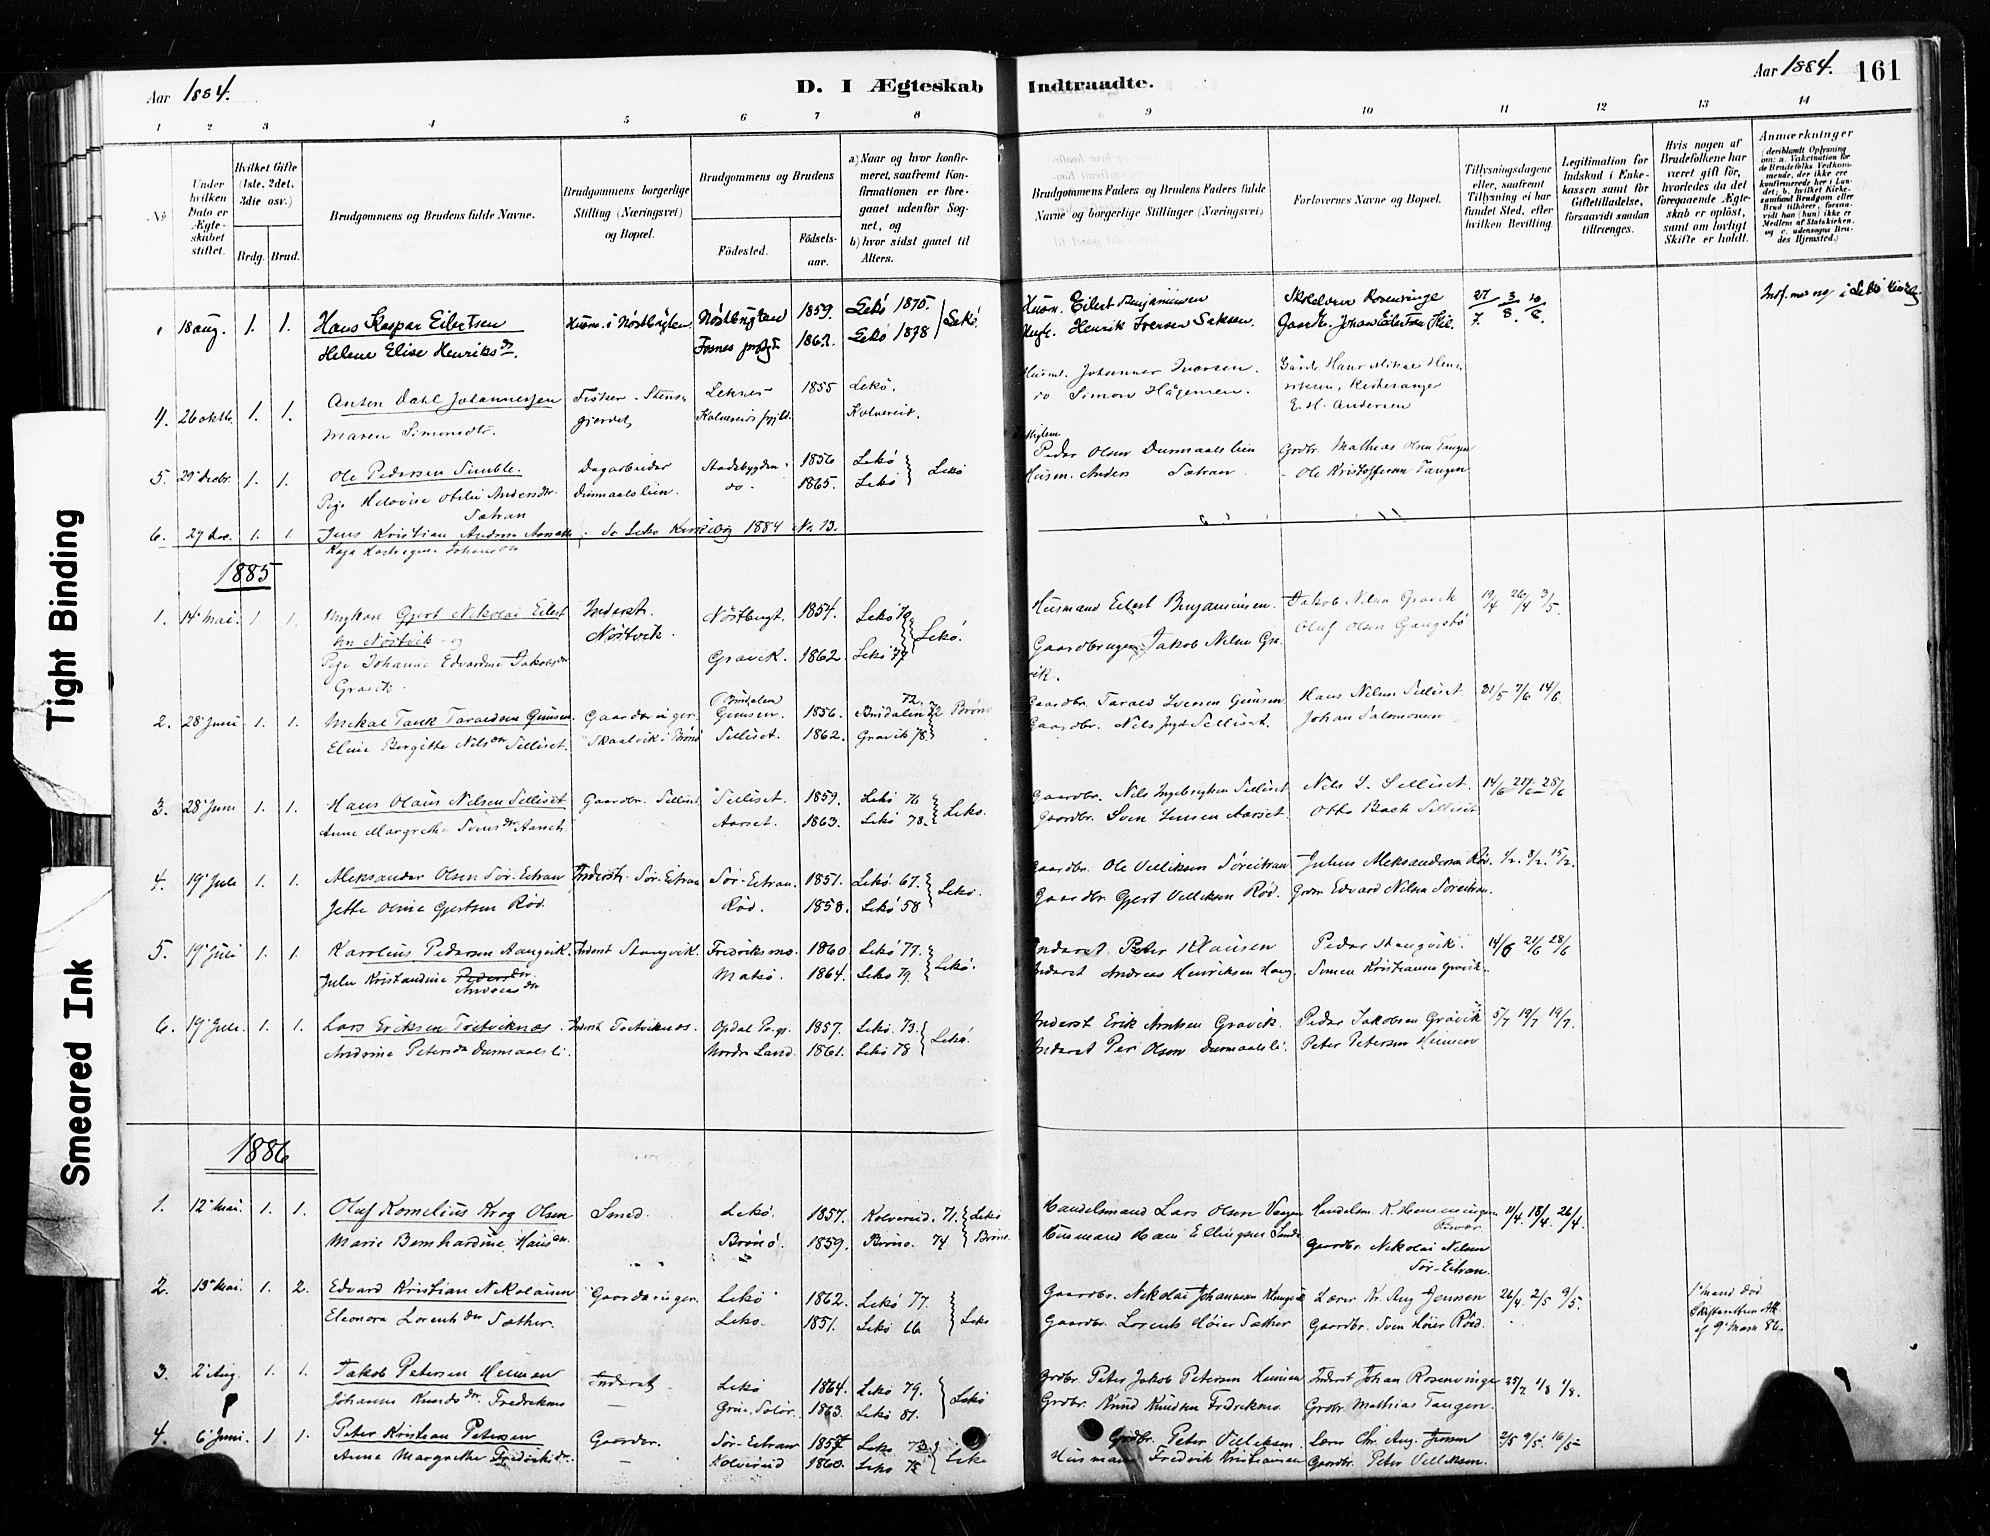 SAT, Ministerialprotokoller, klokkerbøker og fødselsregistre - Nord-Trøndelag, 789/L0705: Ministerialbok nr. 789A01, 1878-1910, s. 161